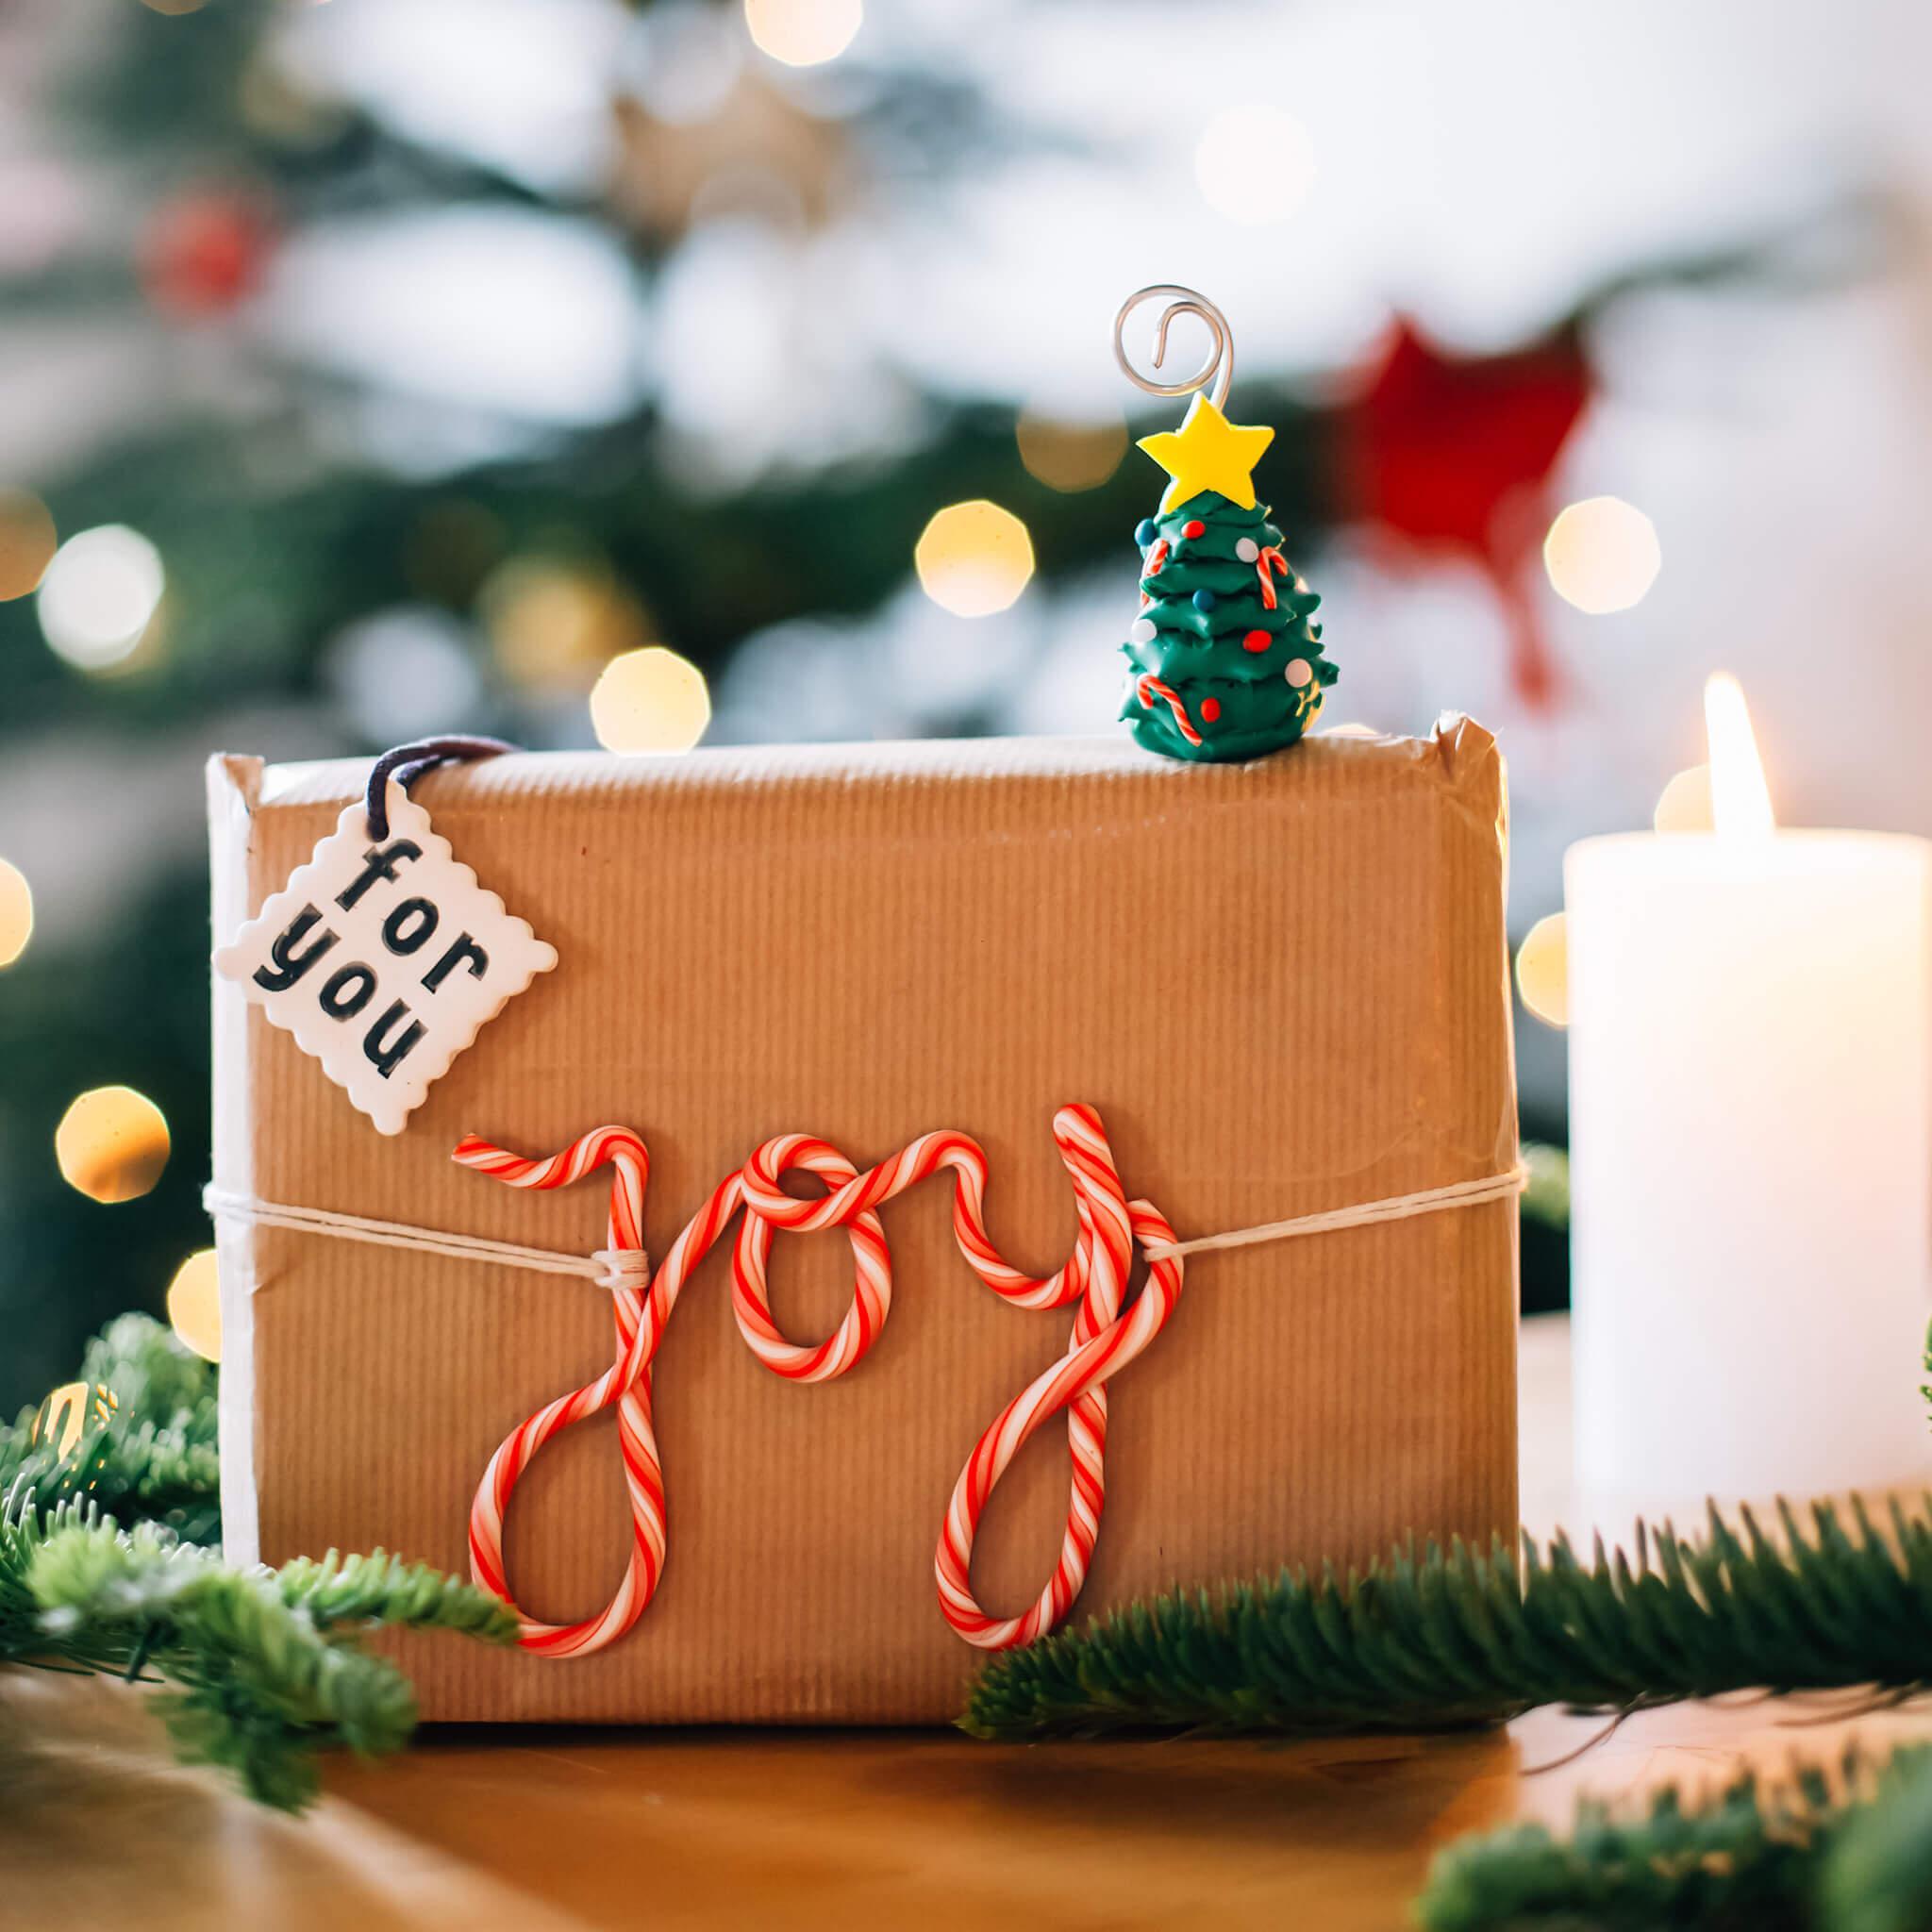 Kerstdecoratie maken met FIMO klei | Maak leuke kerstdecoratie met FIMO klei en pak bijvoorbeeld je kerstcadeautjes leuk in met labels van klei of maak kerstboompjes!